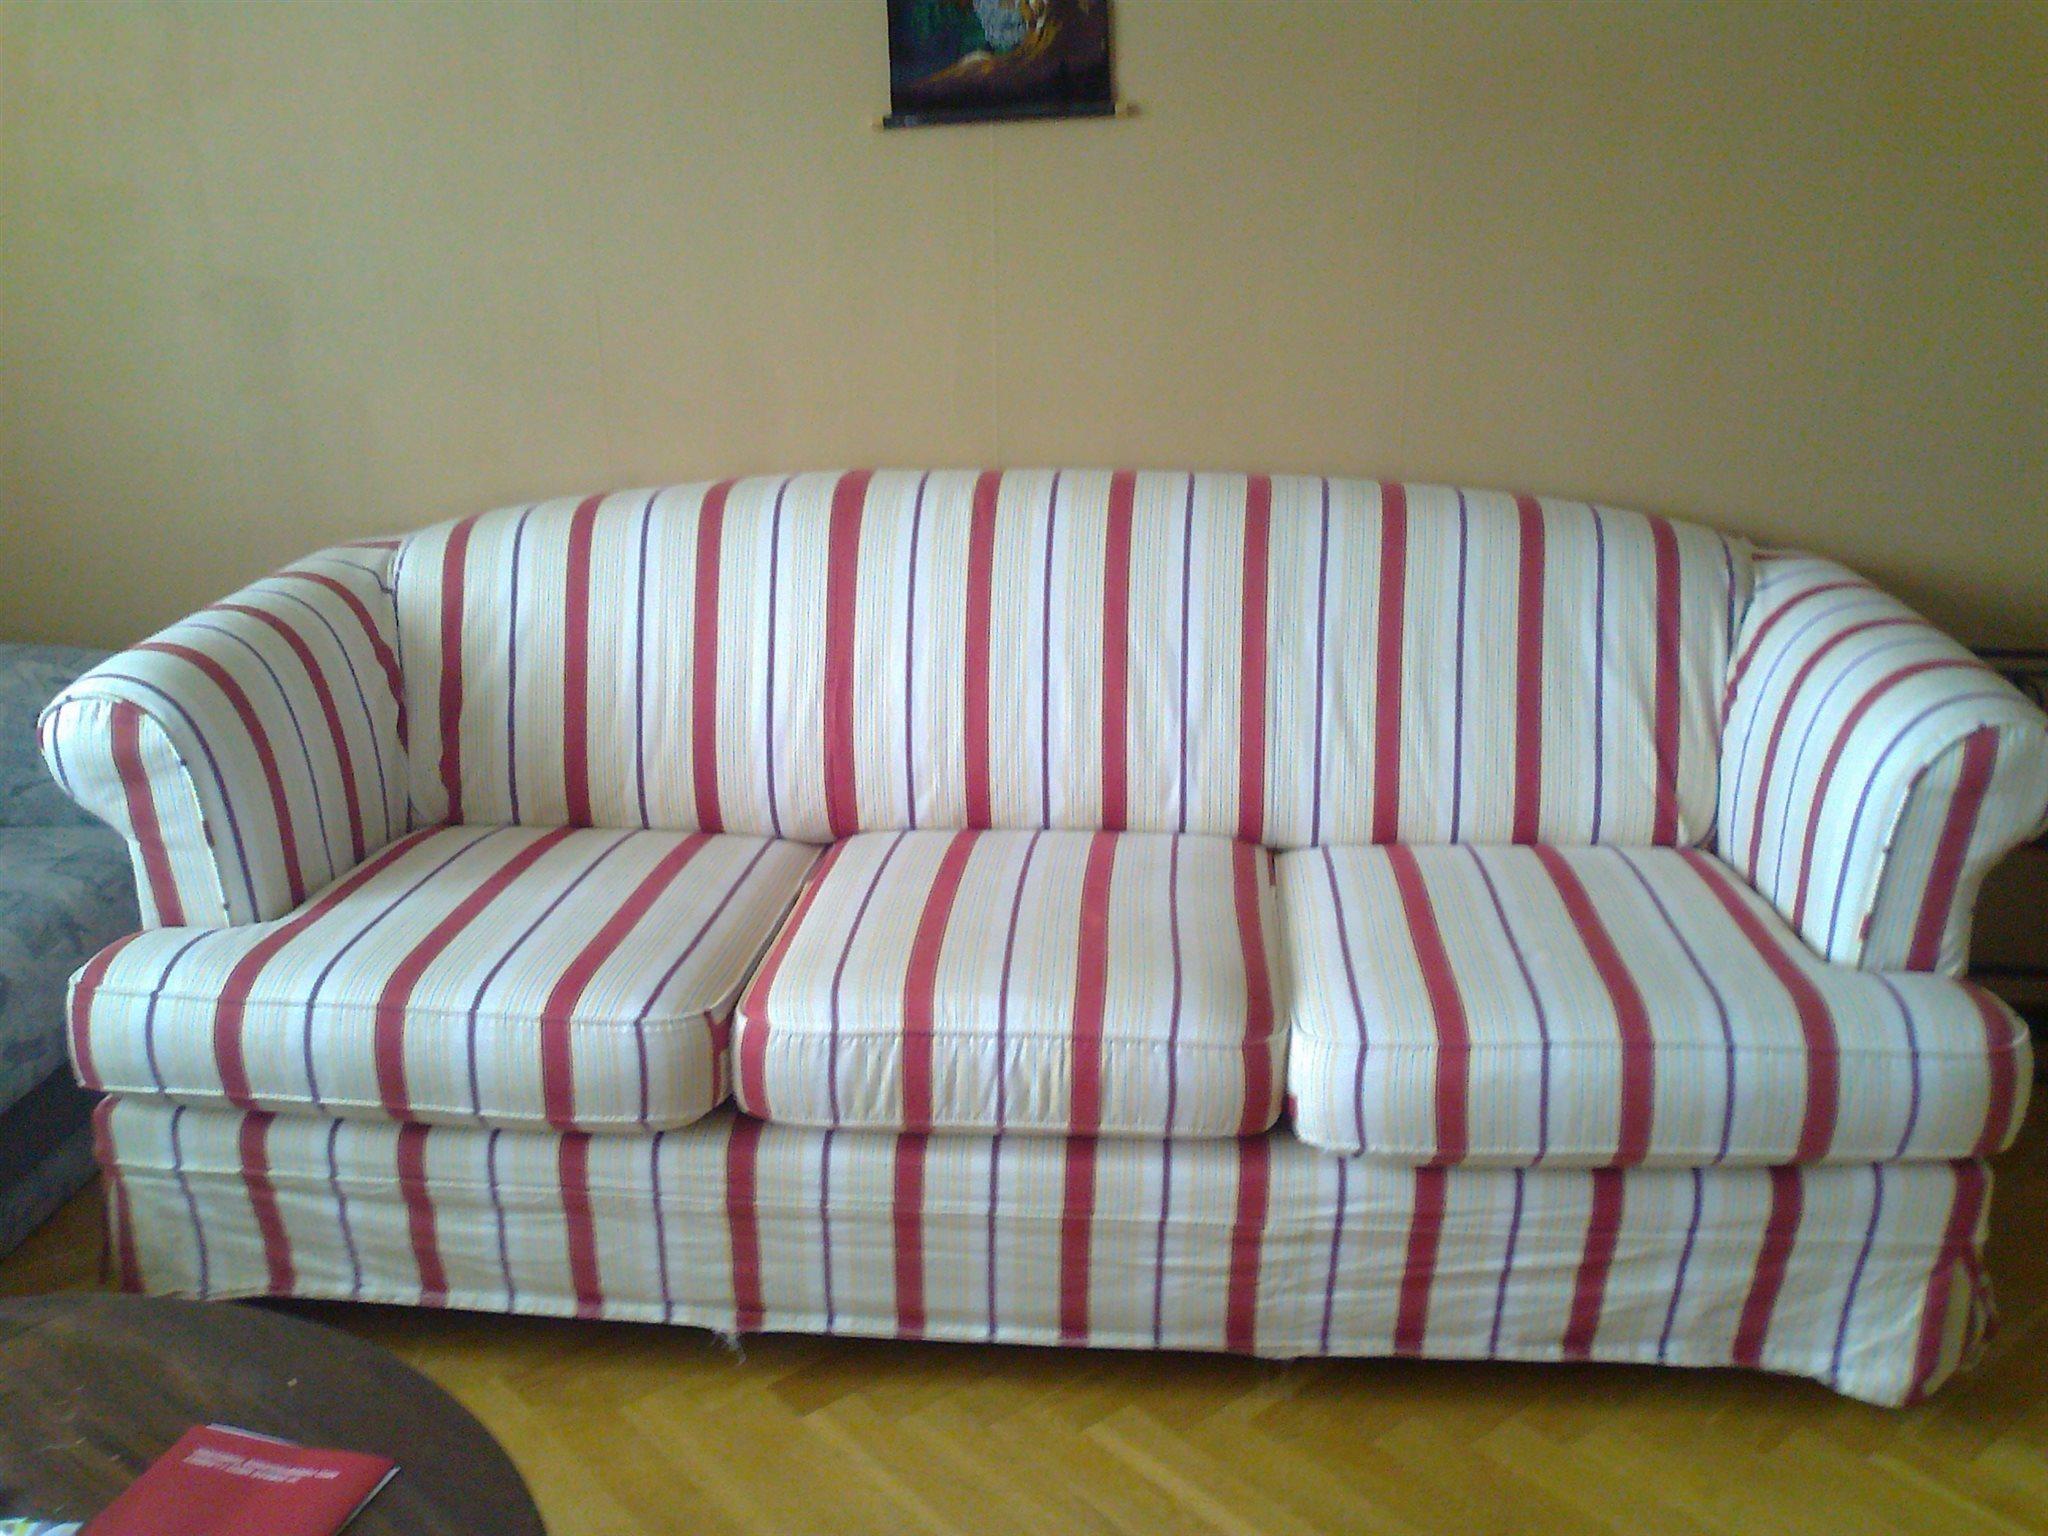 soffa till salu